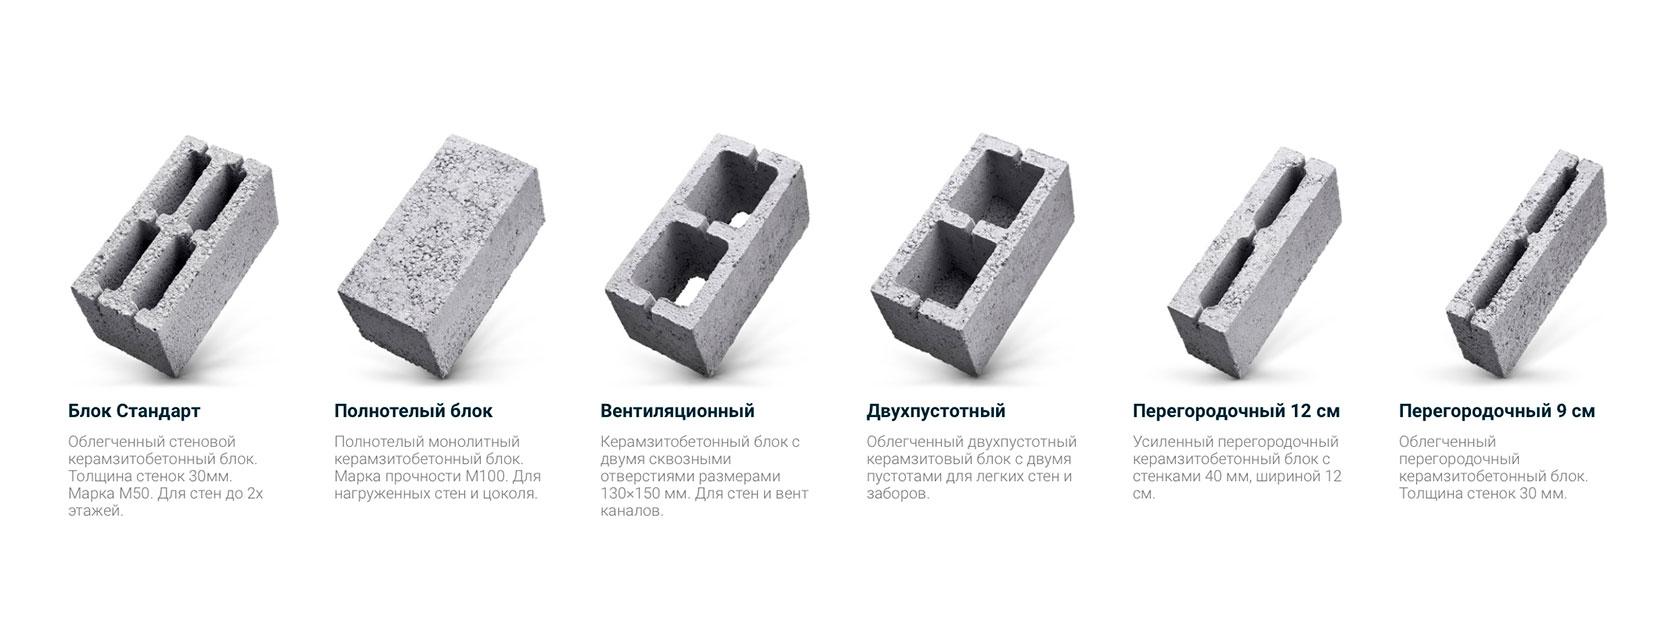 Размер блока из керамзитобетона стандартного проникающая гидроизоляция для бетона лахта купить